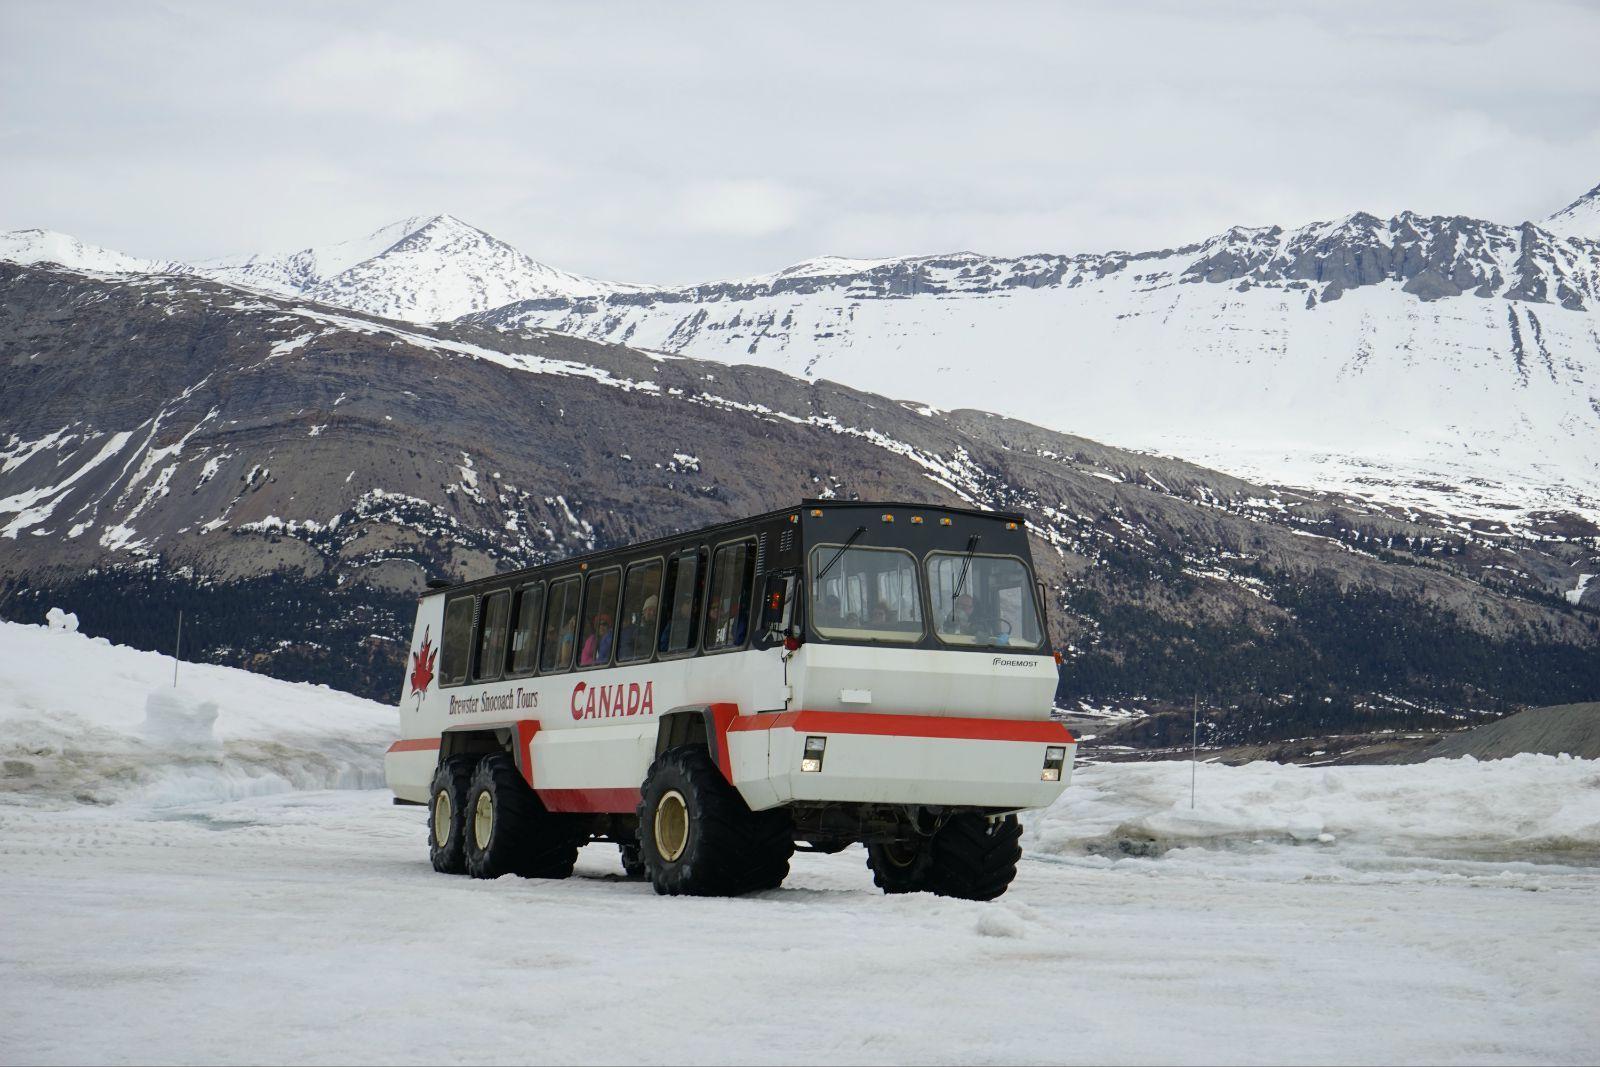 加拿大洛基山冰雪之旅图片